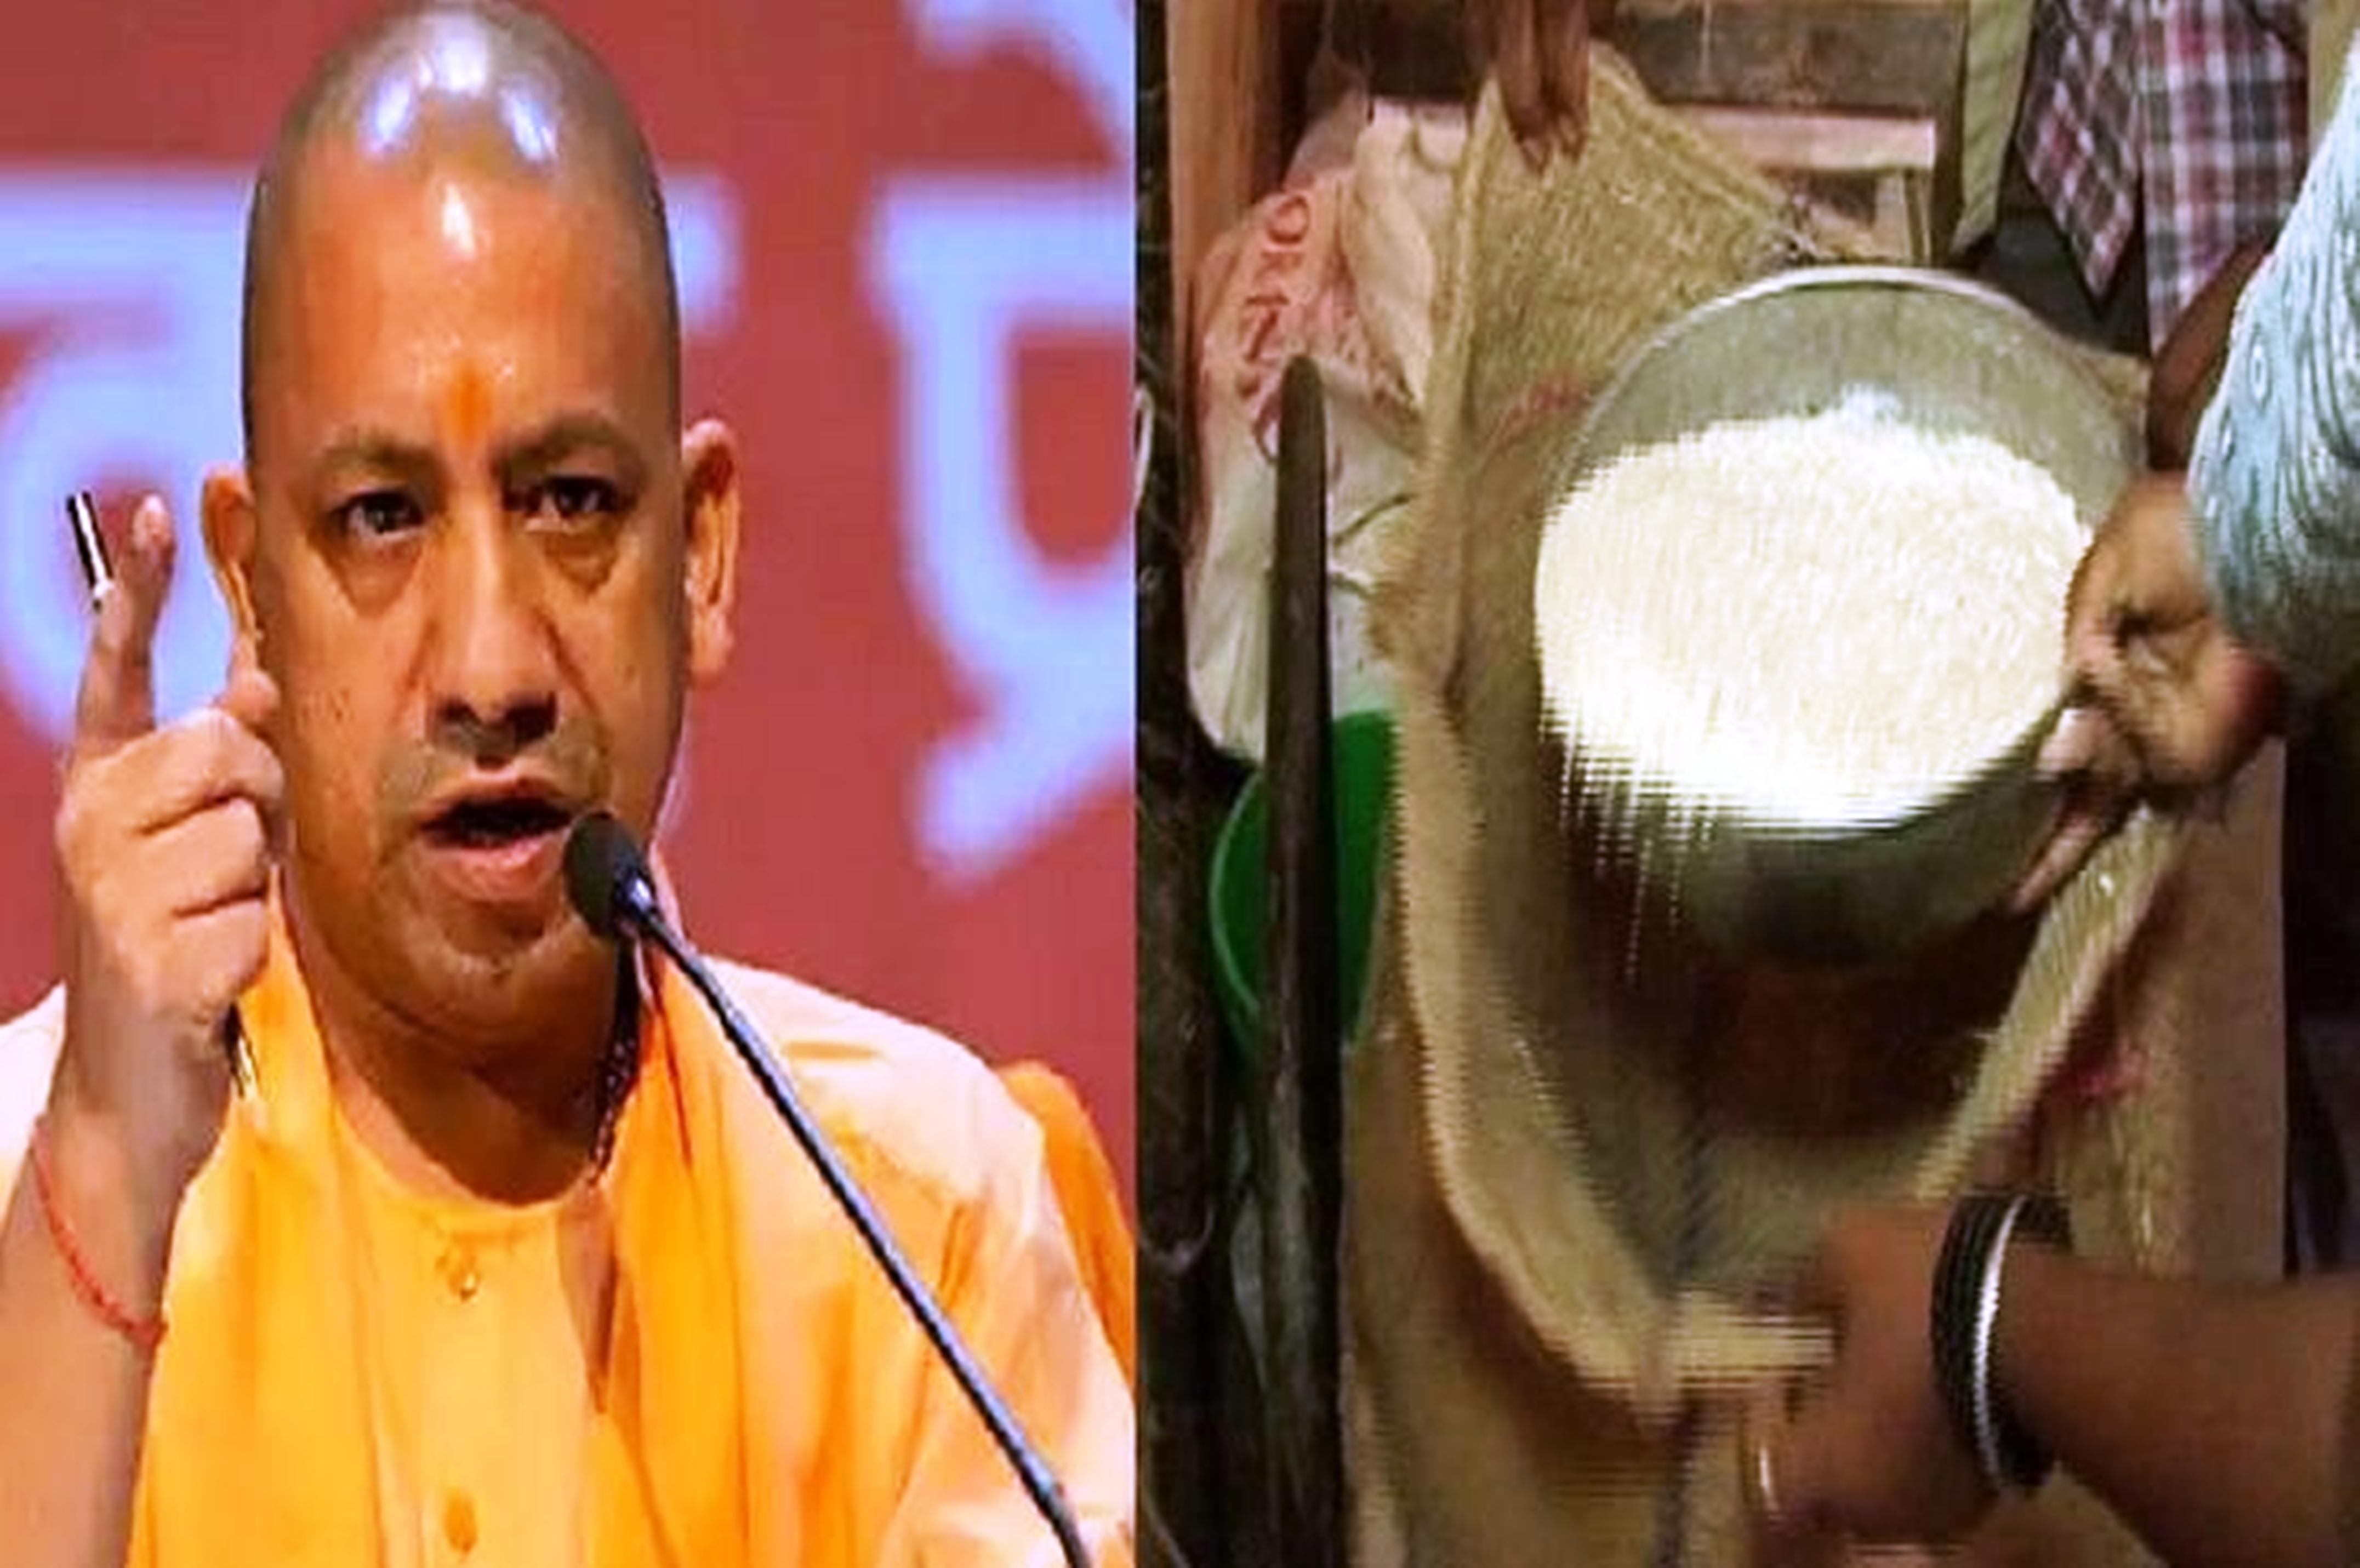 CM योगी आदित्यनाथ के राज में करोड़ों का घोटाला, 2 लाख कार्डों का अनाज डकार गए राशन विक्रेता